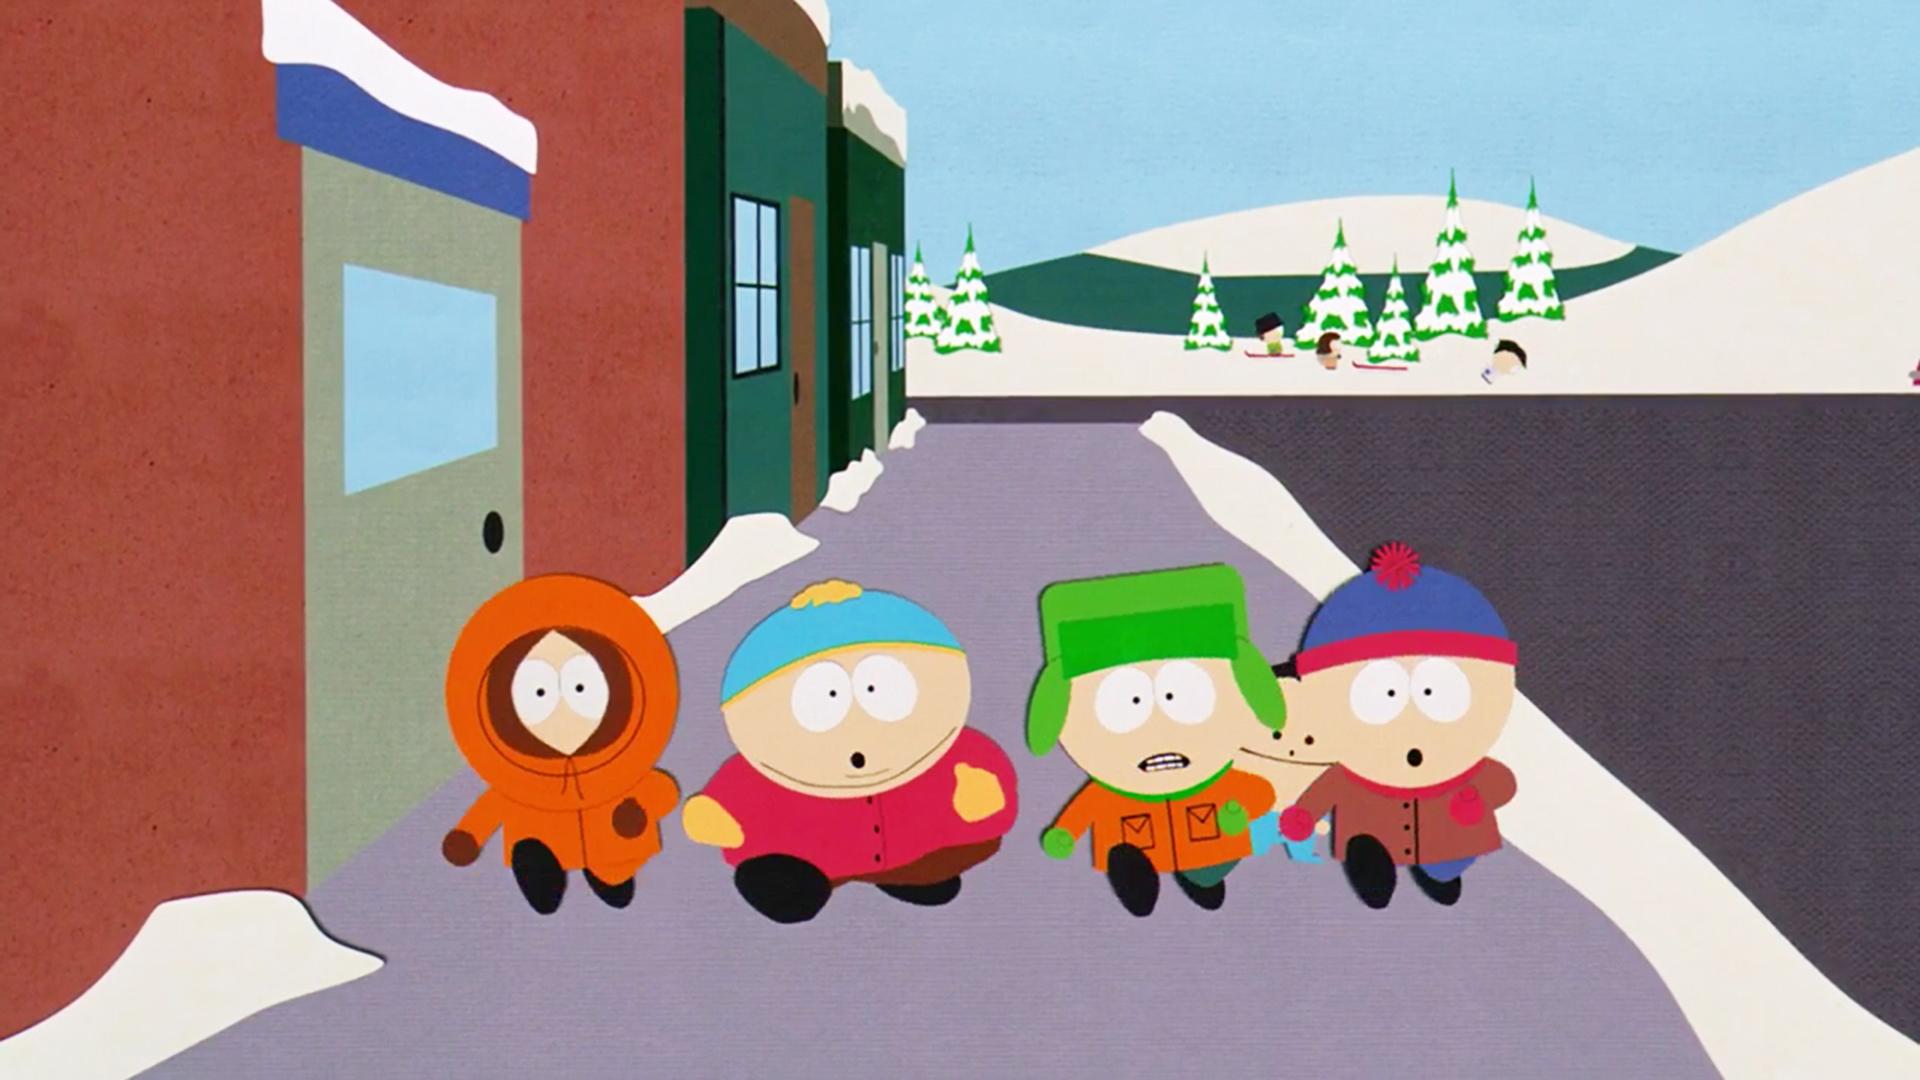 Vild med South Park? Biffen viser særlig sing-along version